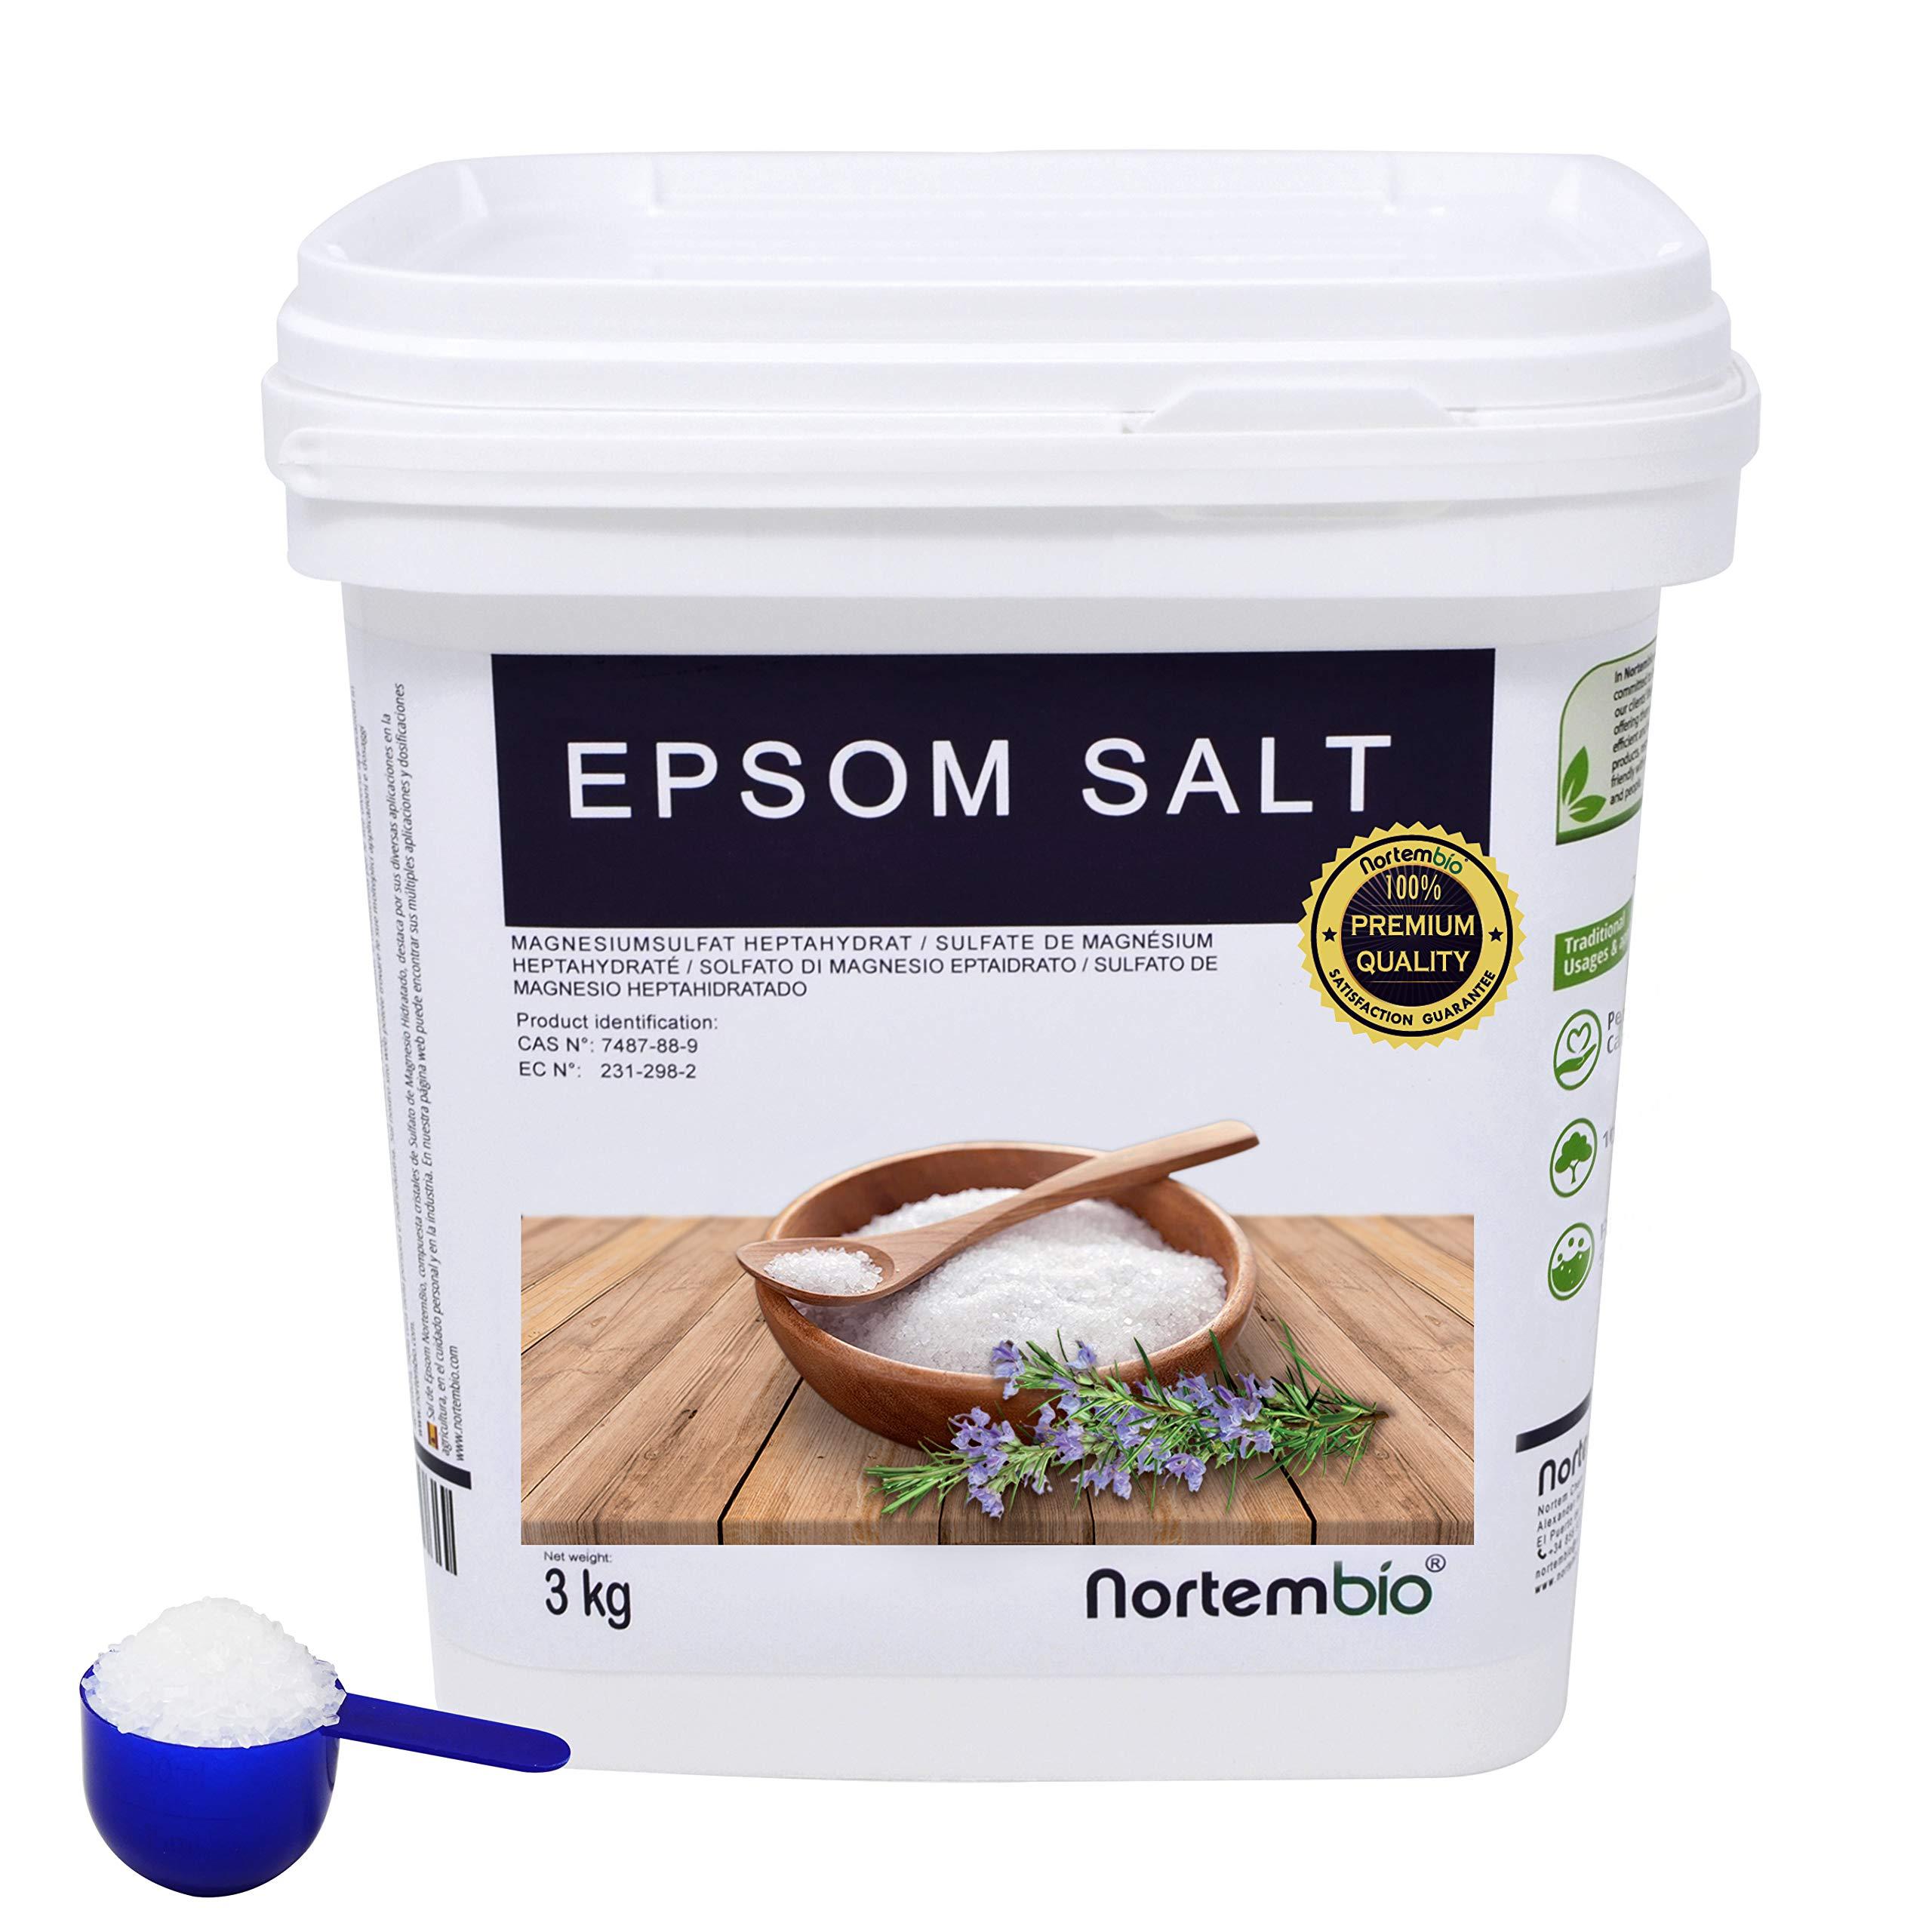 NortemBio Sal de Epsom 3 Kg, Fuente concentrada de Magnesio, Sales 100% Naturales